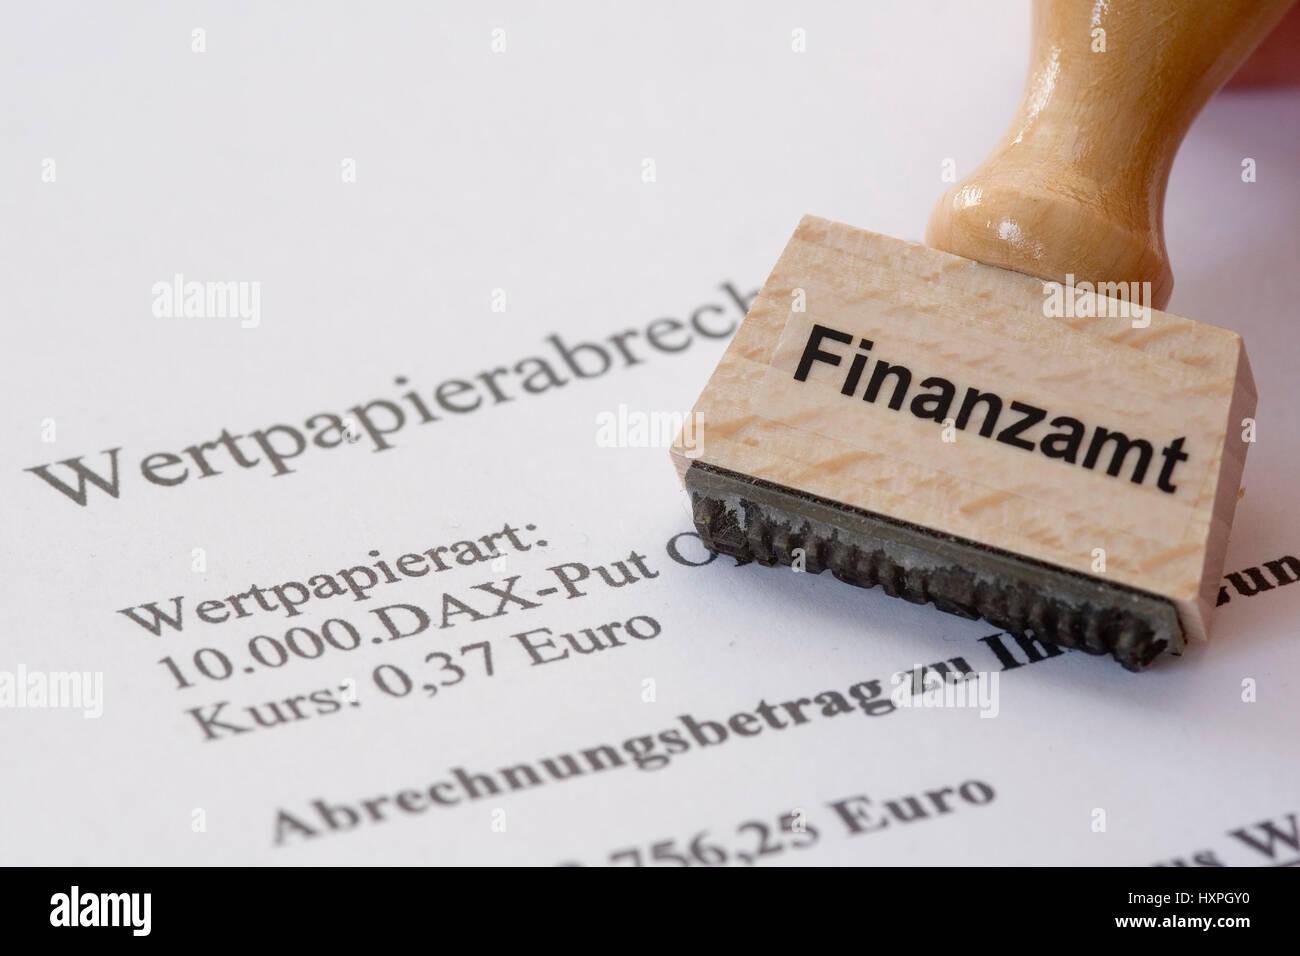 Stamp with label Tax office lies on security account, Stempel mit Aufschrift Finanzamt liegt auf Wertpapierabrechnung Stock Photo